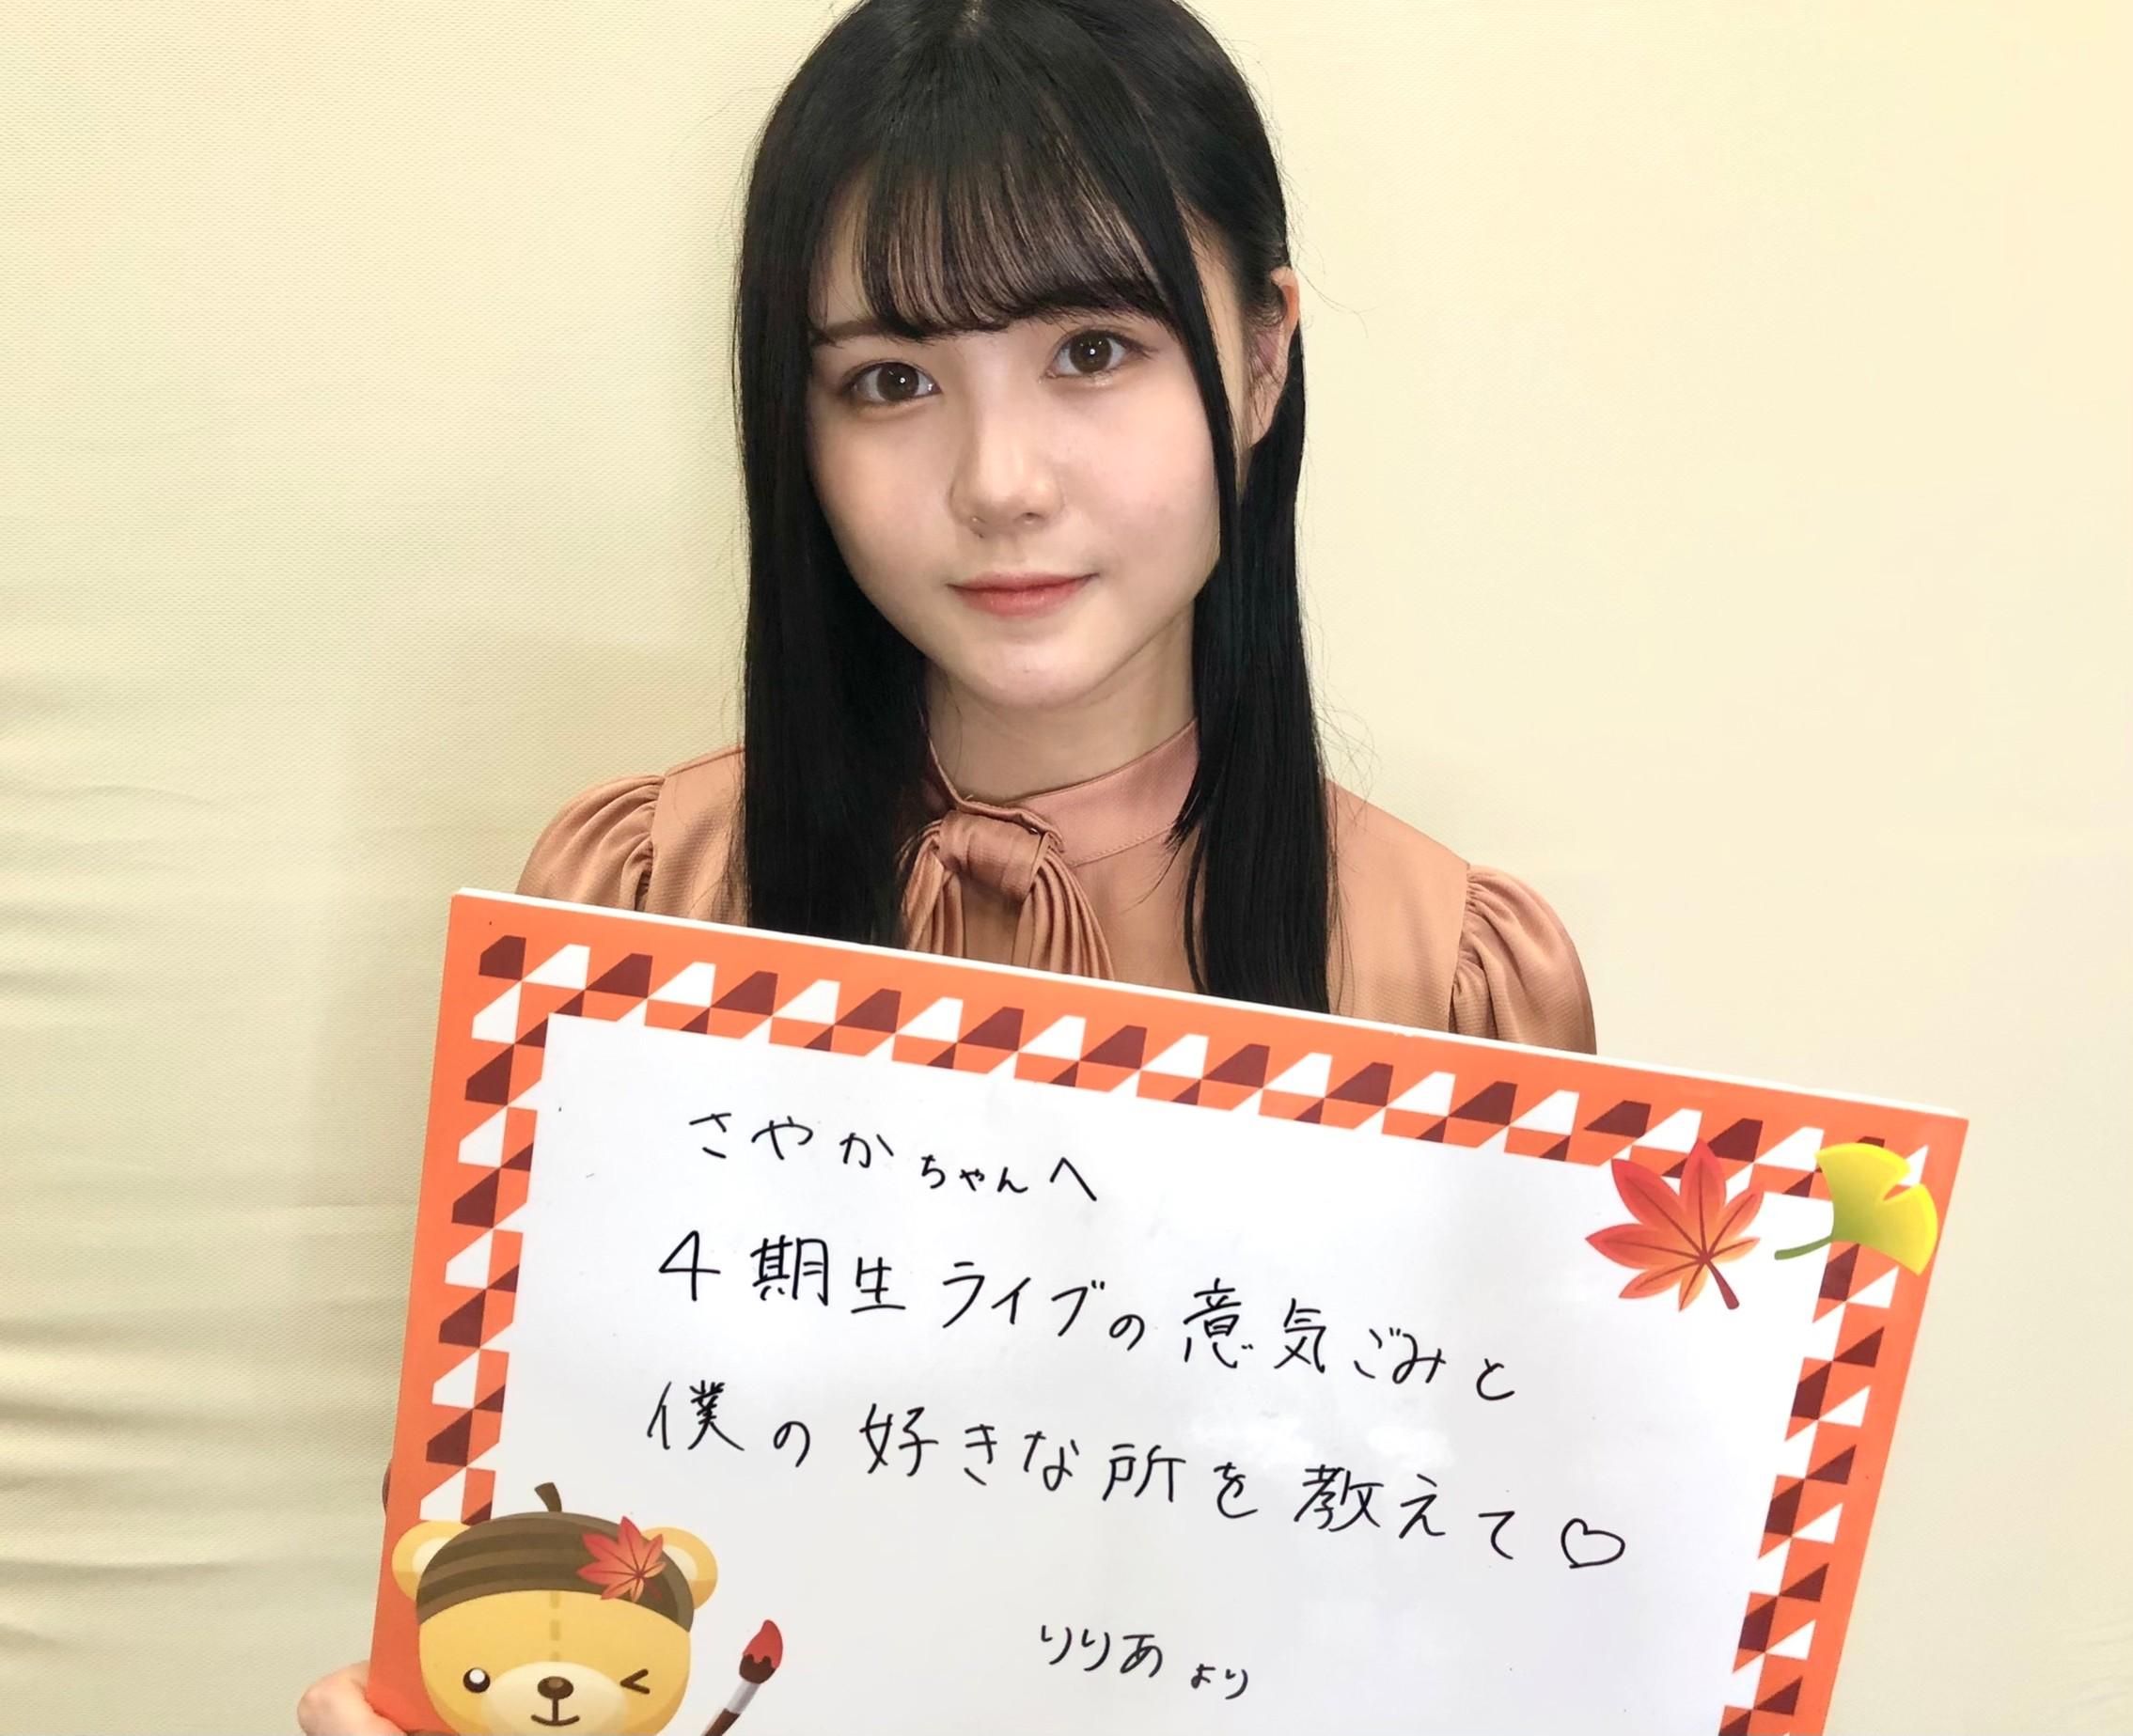 のぎおび 伊藤理々杏から掛橋沙耶香への宿題は「4期生ライブの意気ごみと僕の好きな所を教えて」